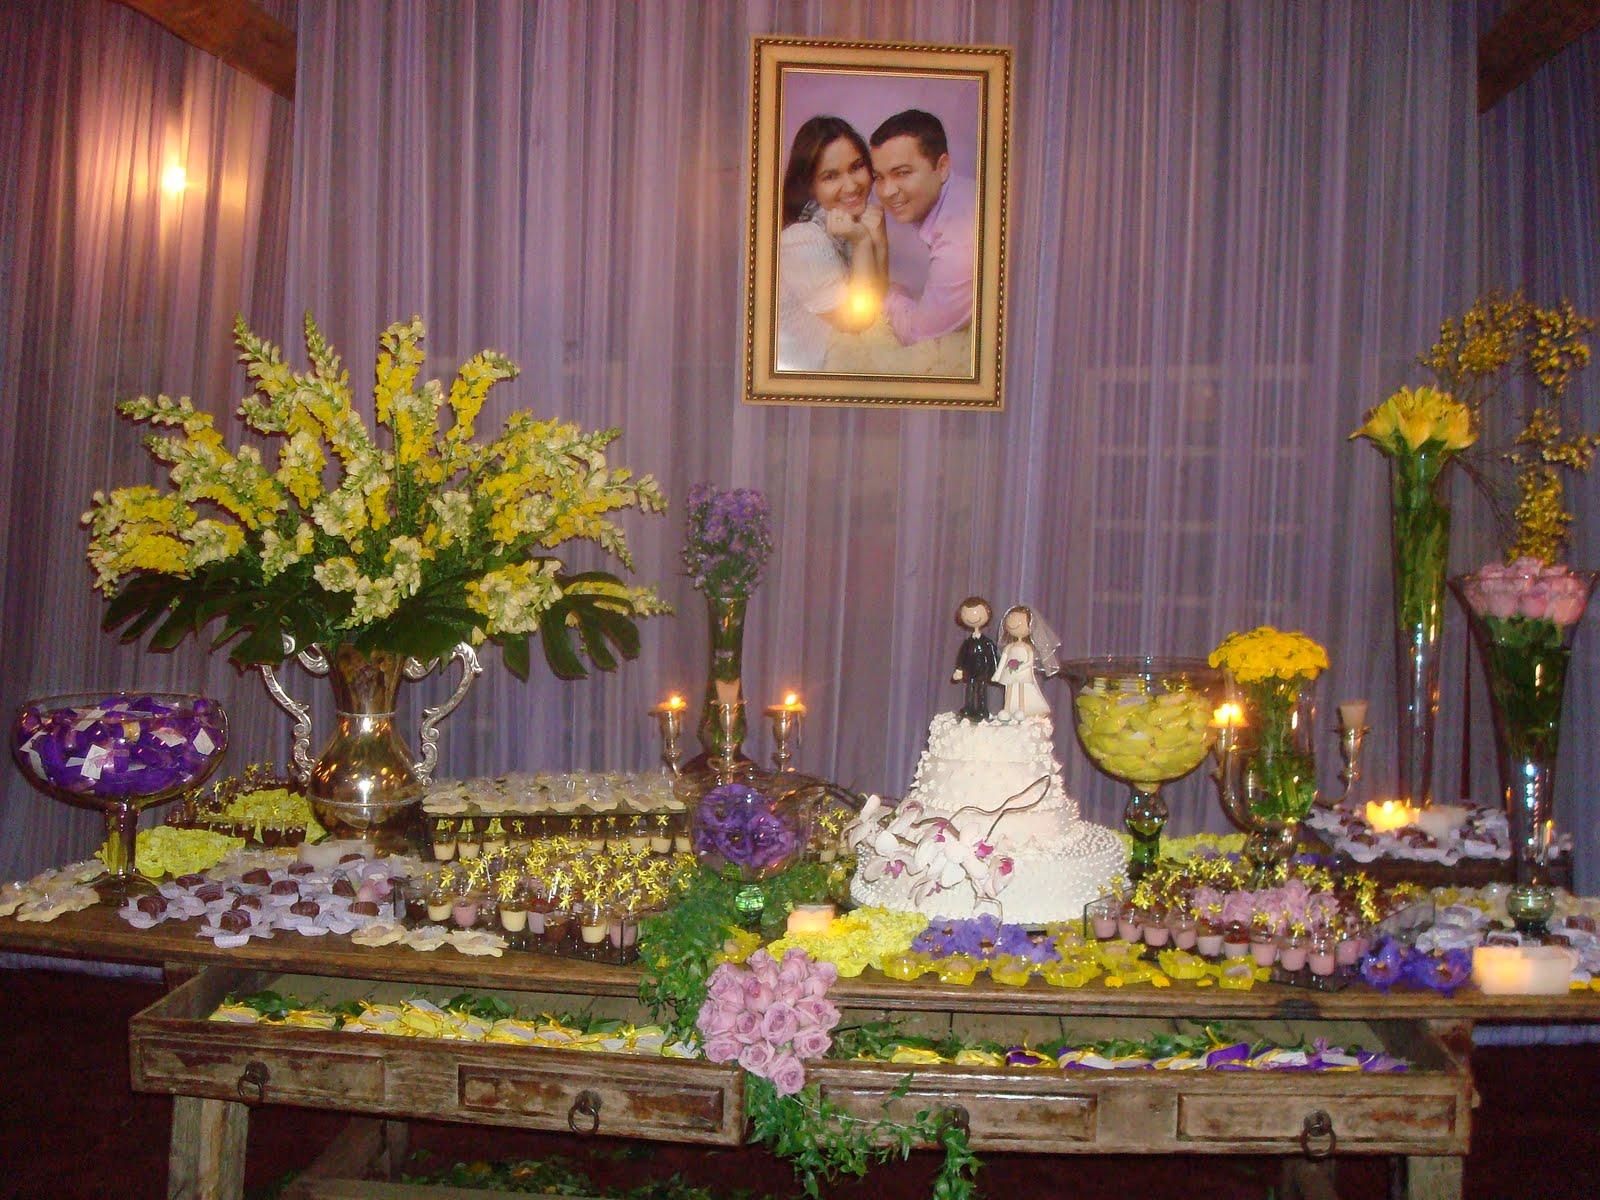 decoração-da-mesa-de-bolo-casamento-20